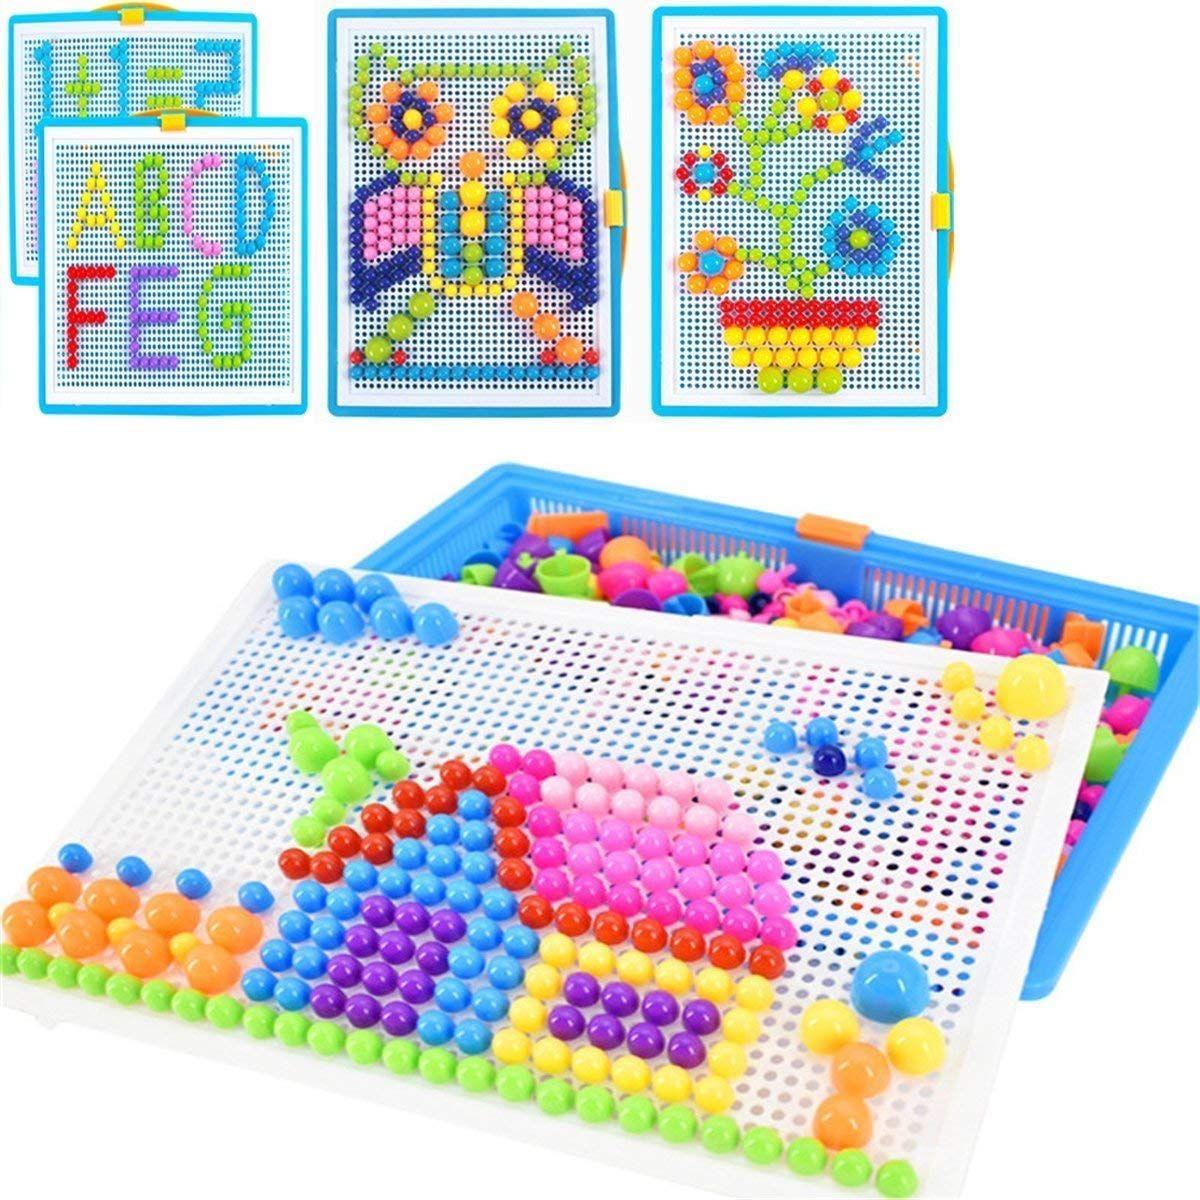 Mosaik Puzzle Spielzeug F R Jungen M Dchen Kinder Ab 3 Jahre Mosaikstecker Bausteine Blocks Steckmosaik S In 2020 Kinder Lernspielzeug Kinder Spielzeug Kinderspielzeug